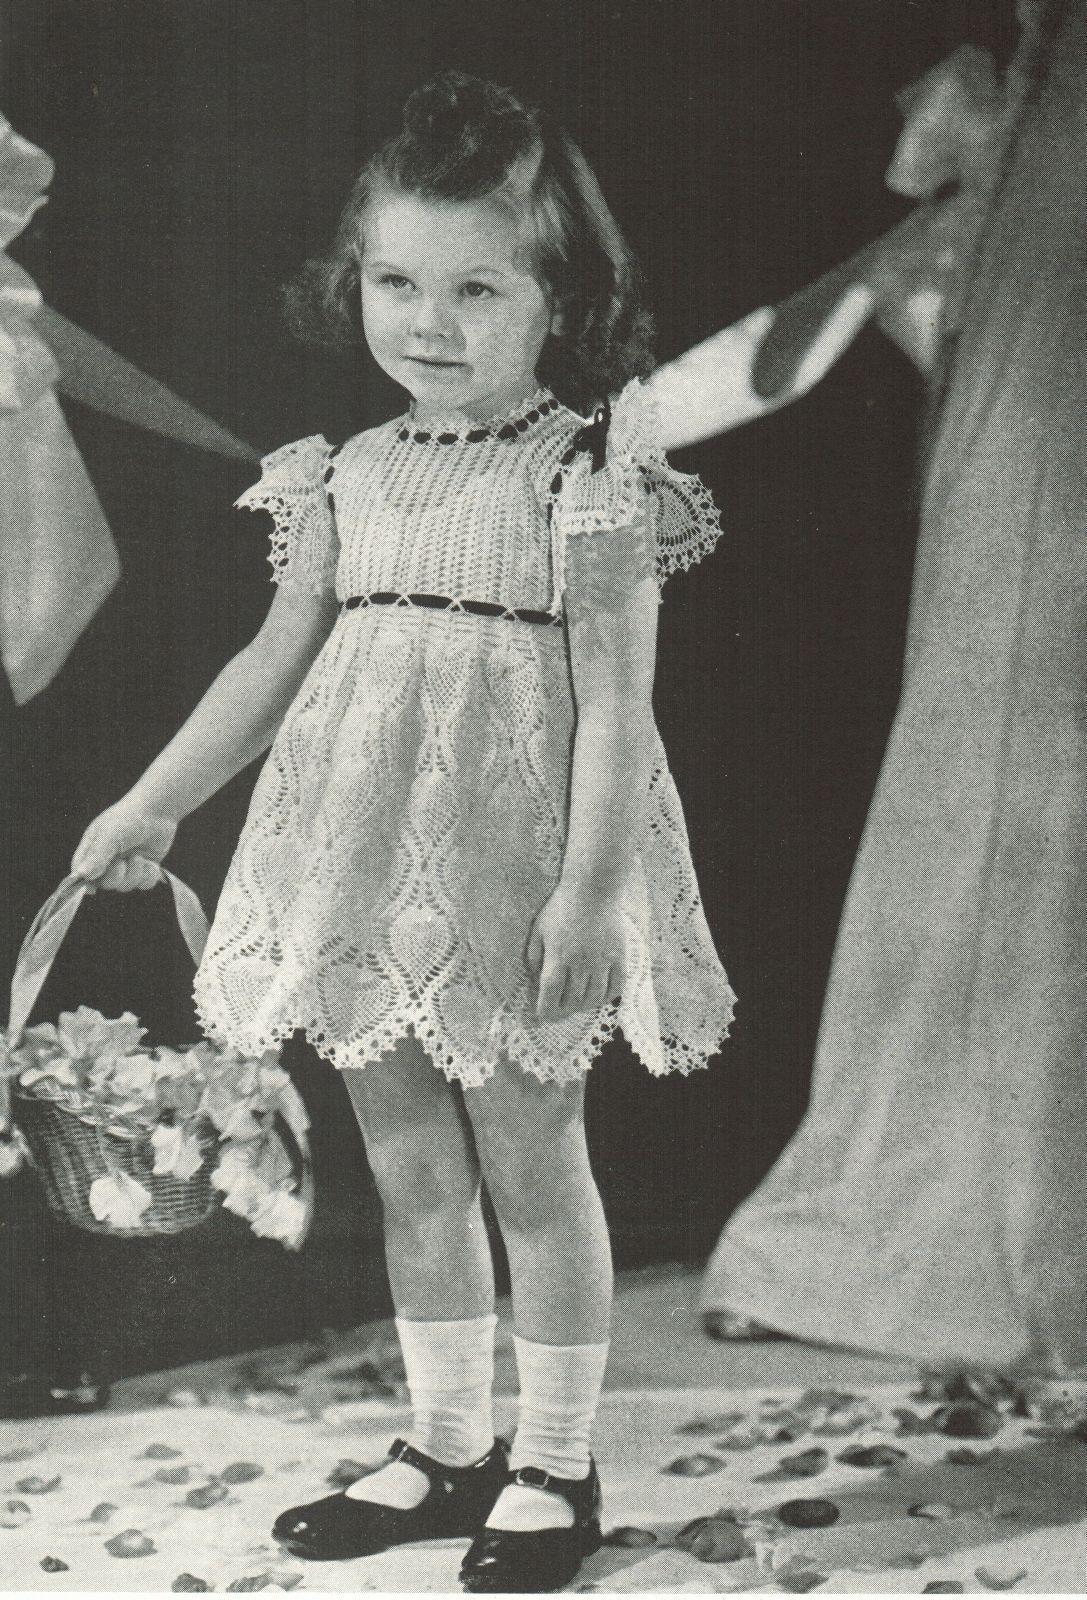 Vtg Toddler Flower Girl Xmas Easter Pineapple Lace Dress Crochet Pattern 2-4